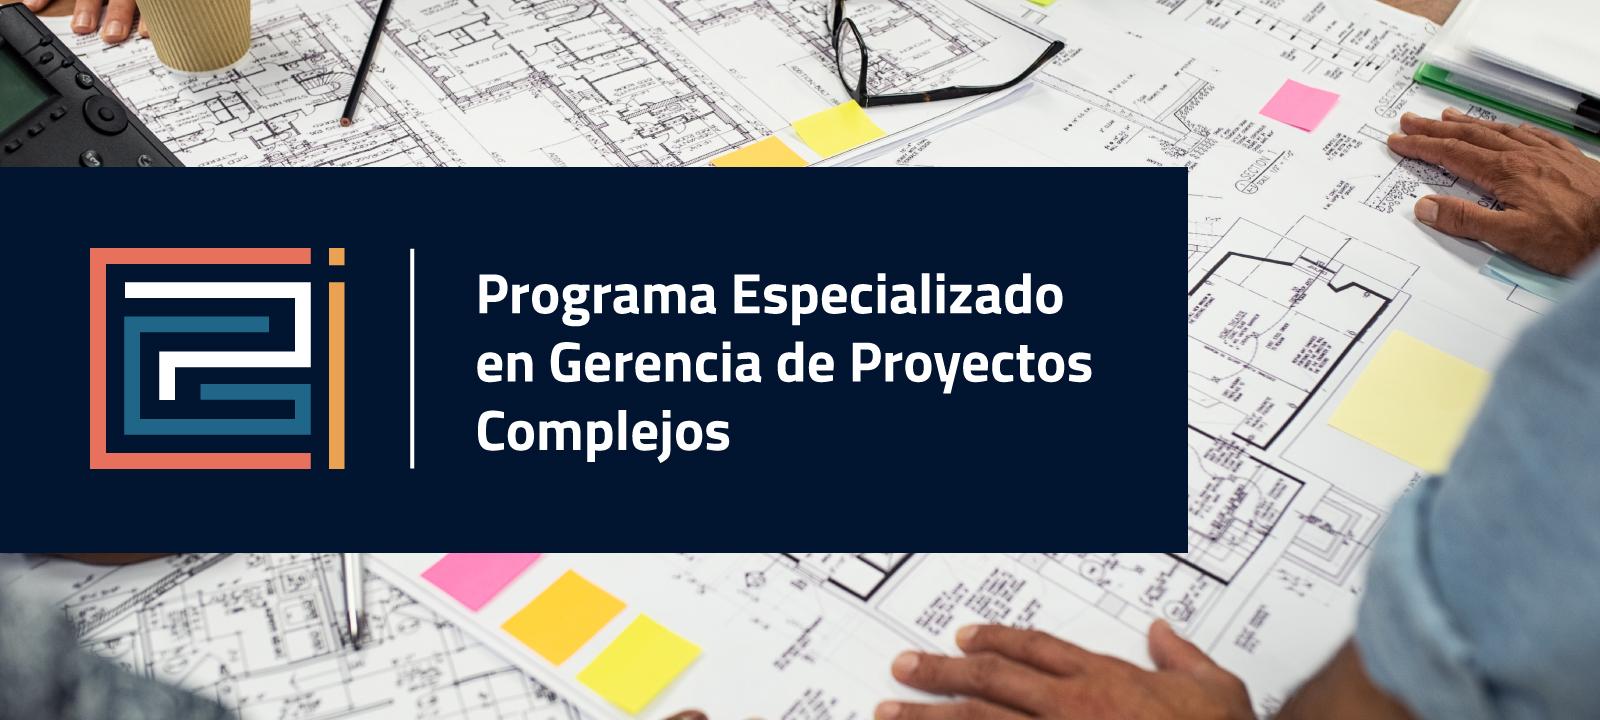 programa gerencia de proyectos